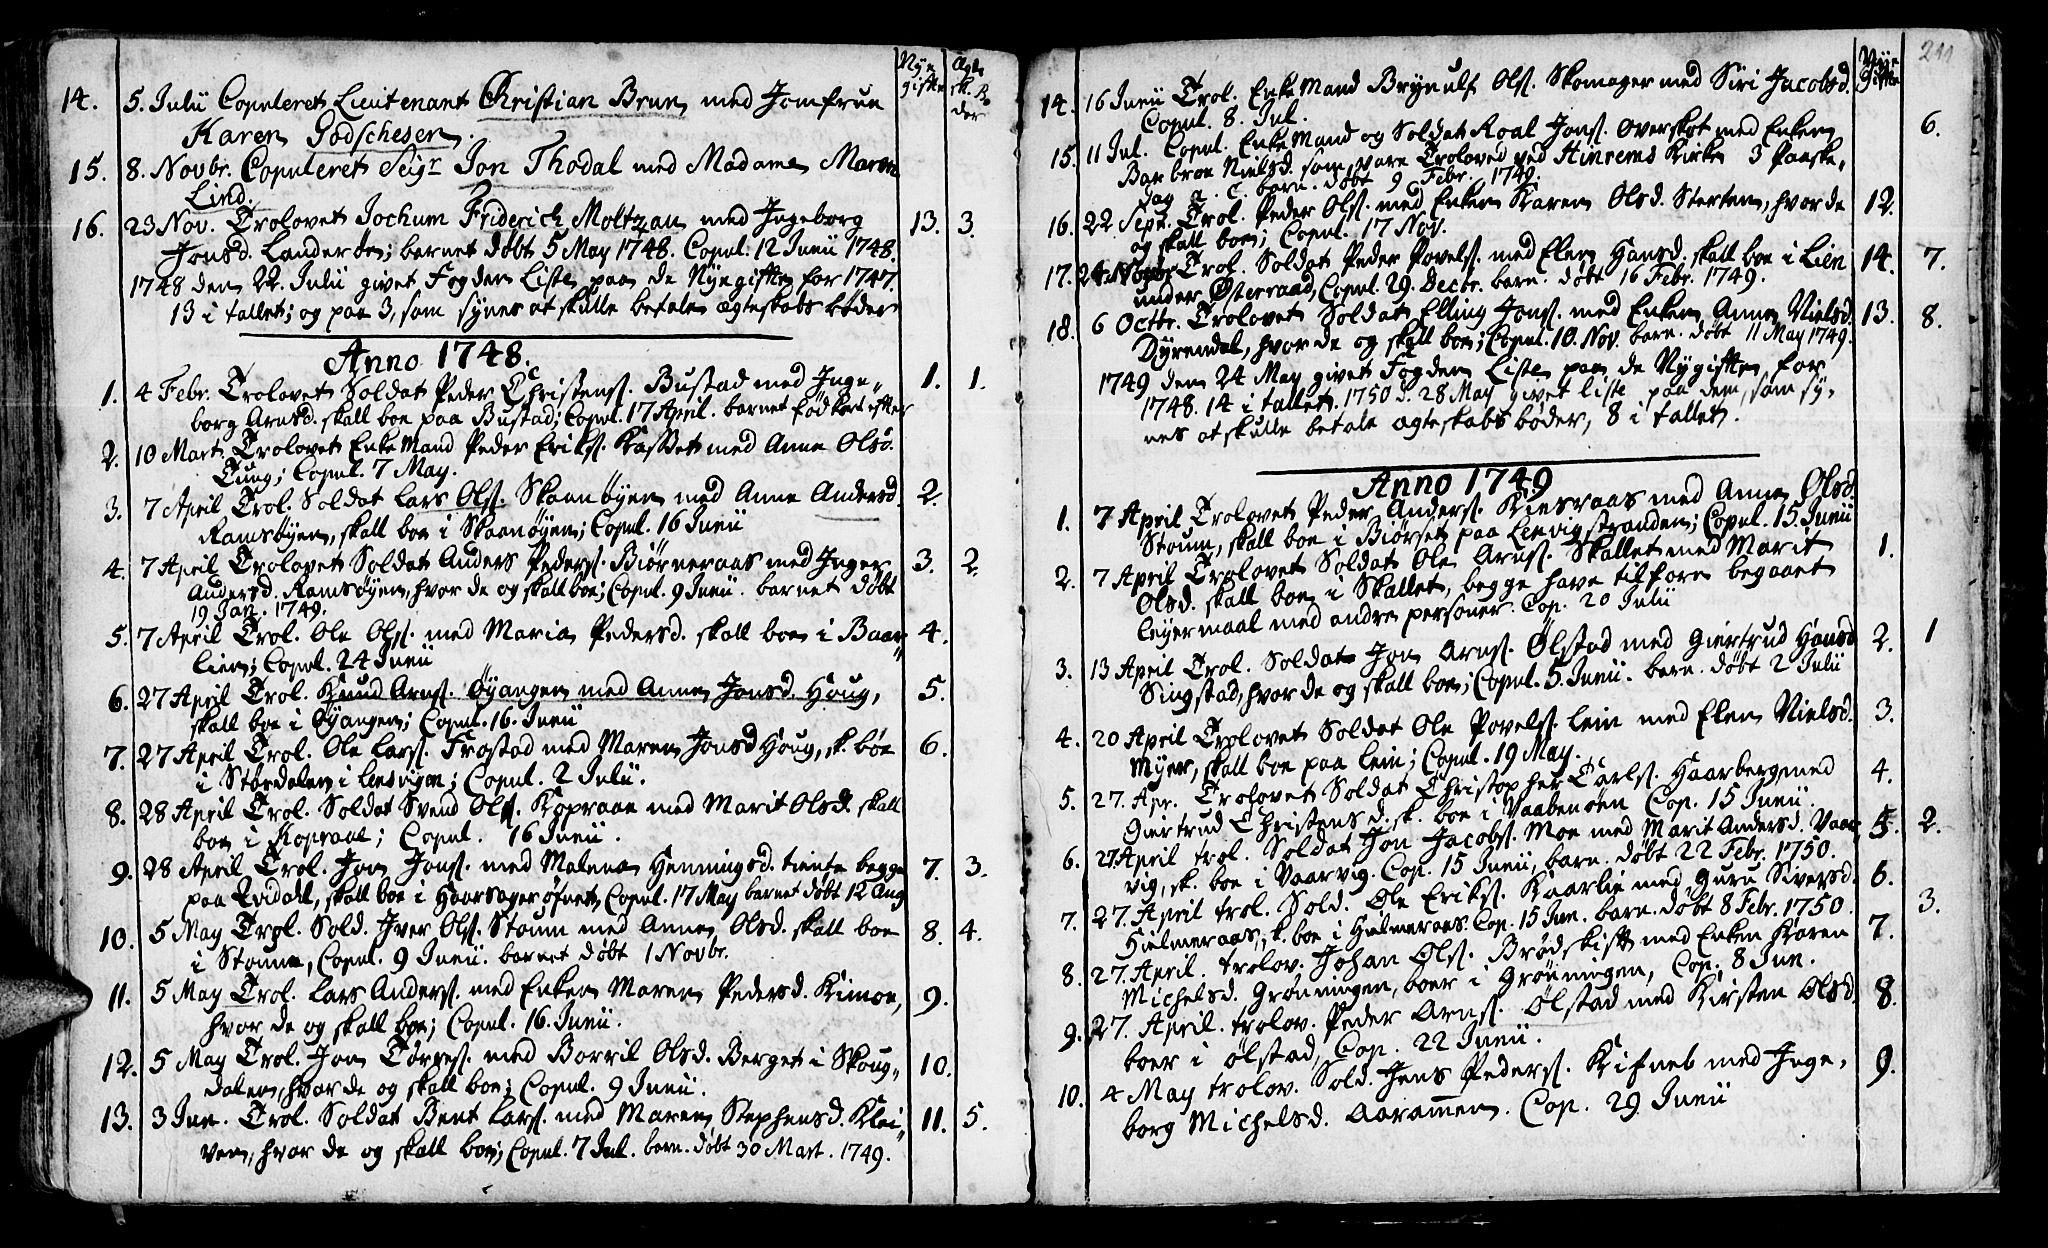 SAT, Ministerialprotokoller, klokkerbøker og fødselsregistre - Sør-Trøndelag, 646/L0604: Ministerialbok nr. 646A02, 1735-1750, s. 210-211